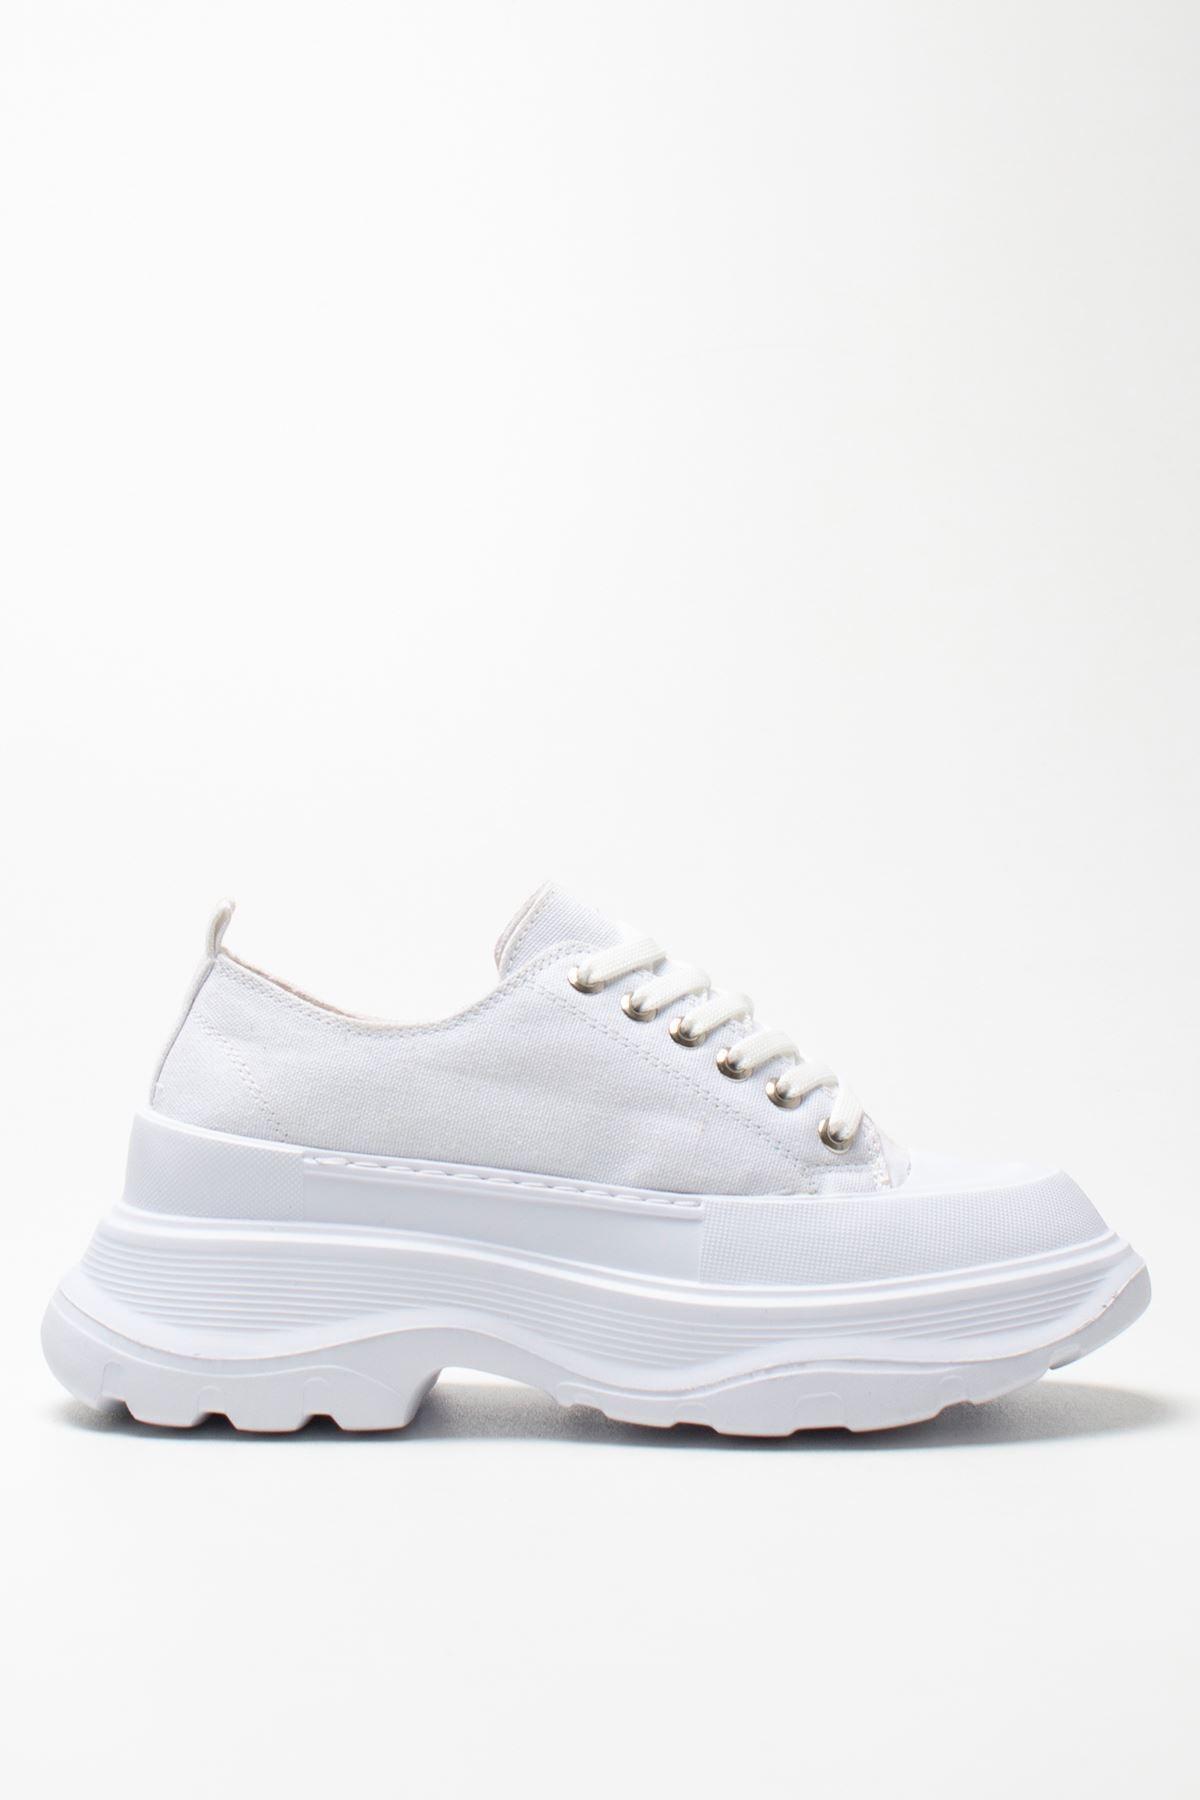 Kadın Beyaz Keten Sneakers